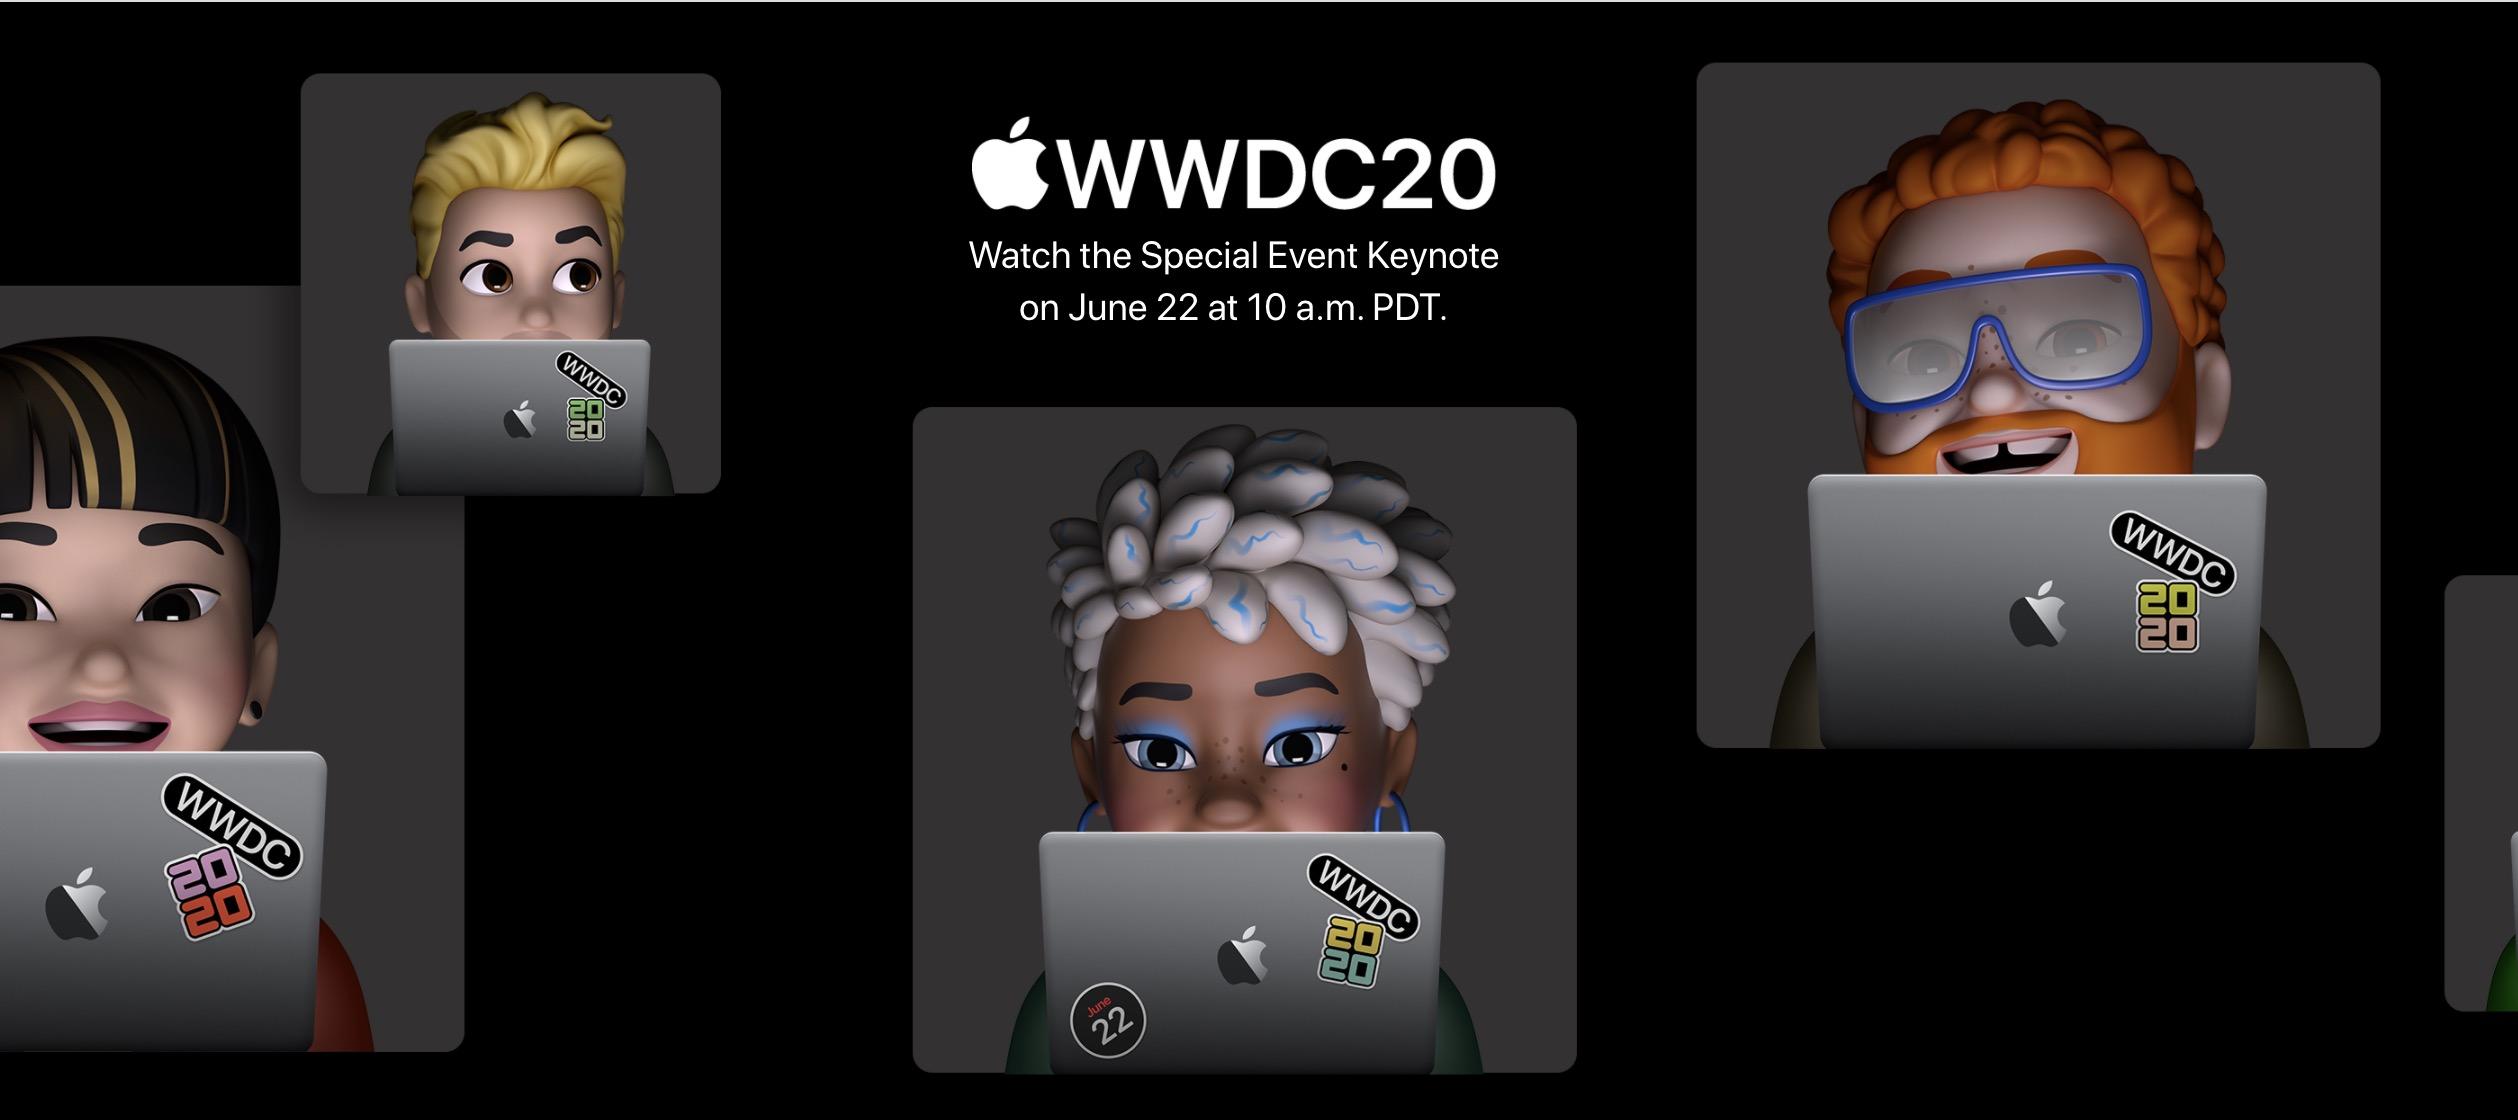 Comment Regarder La Keynote De La Wwdc 2020 D Apple Ce Soir A 19 Heures